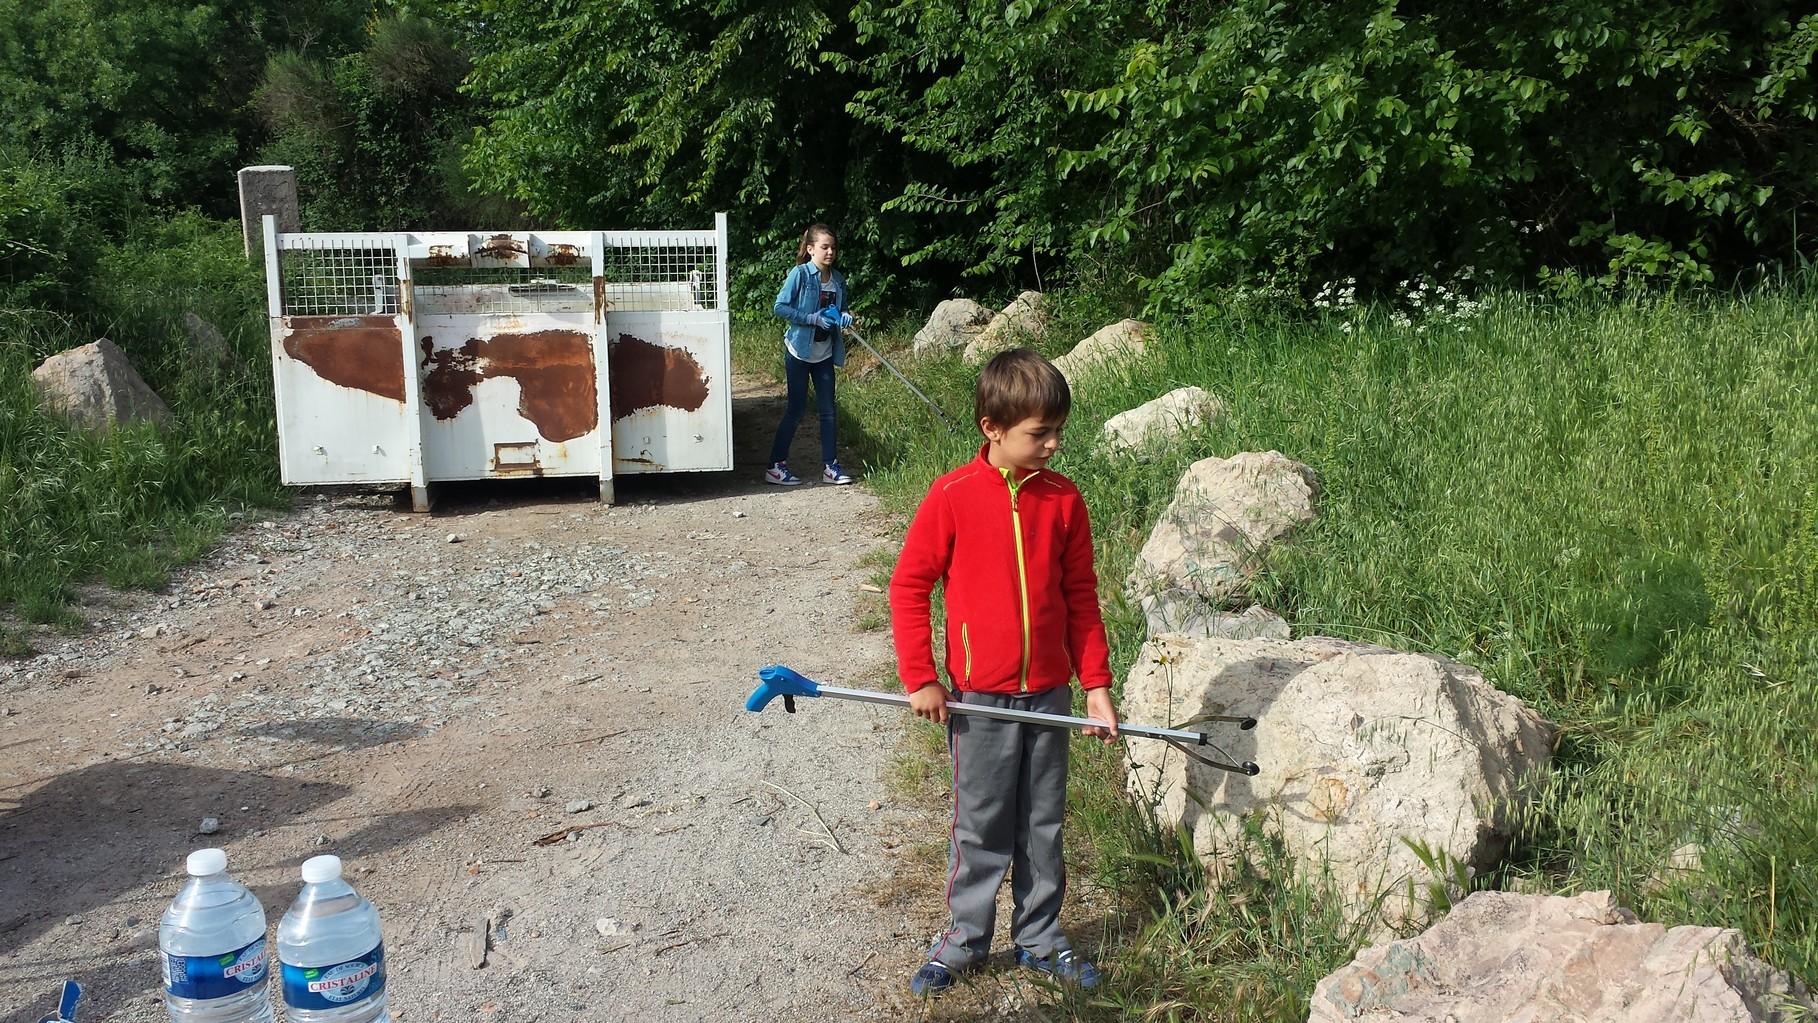 Les enfants essaient les pinces prêtées par la fédération 83 !